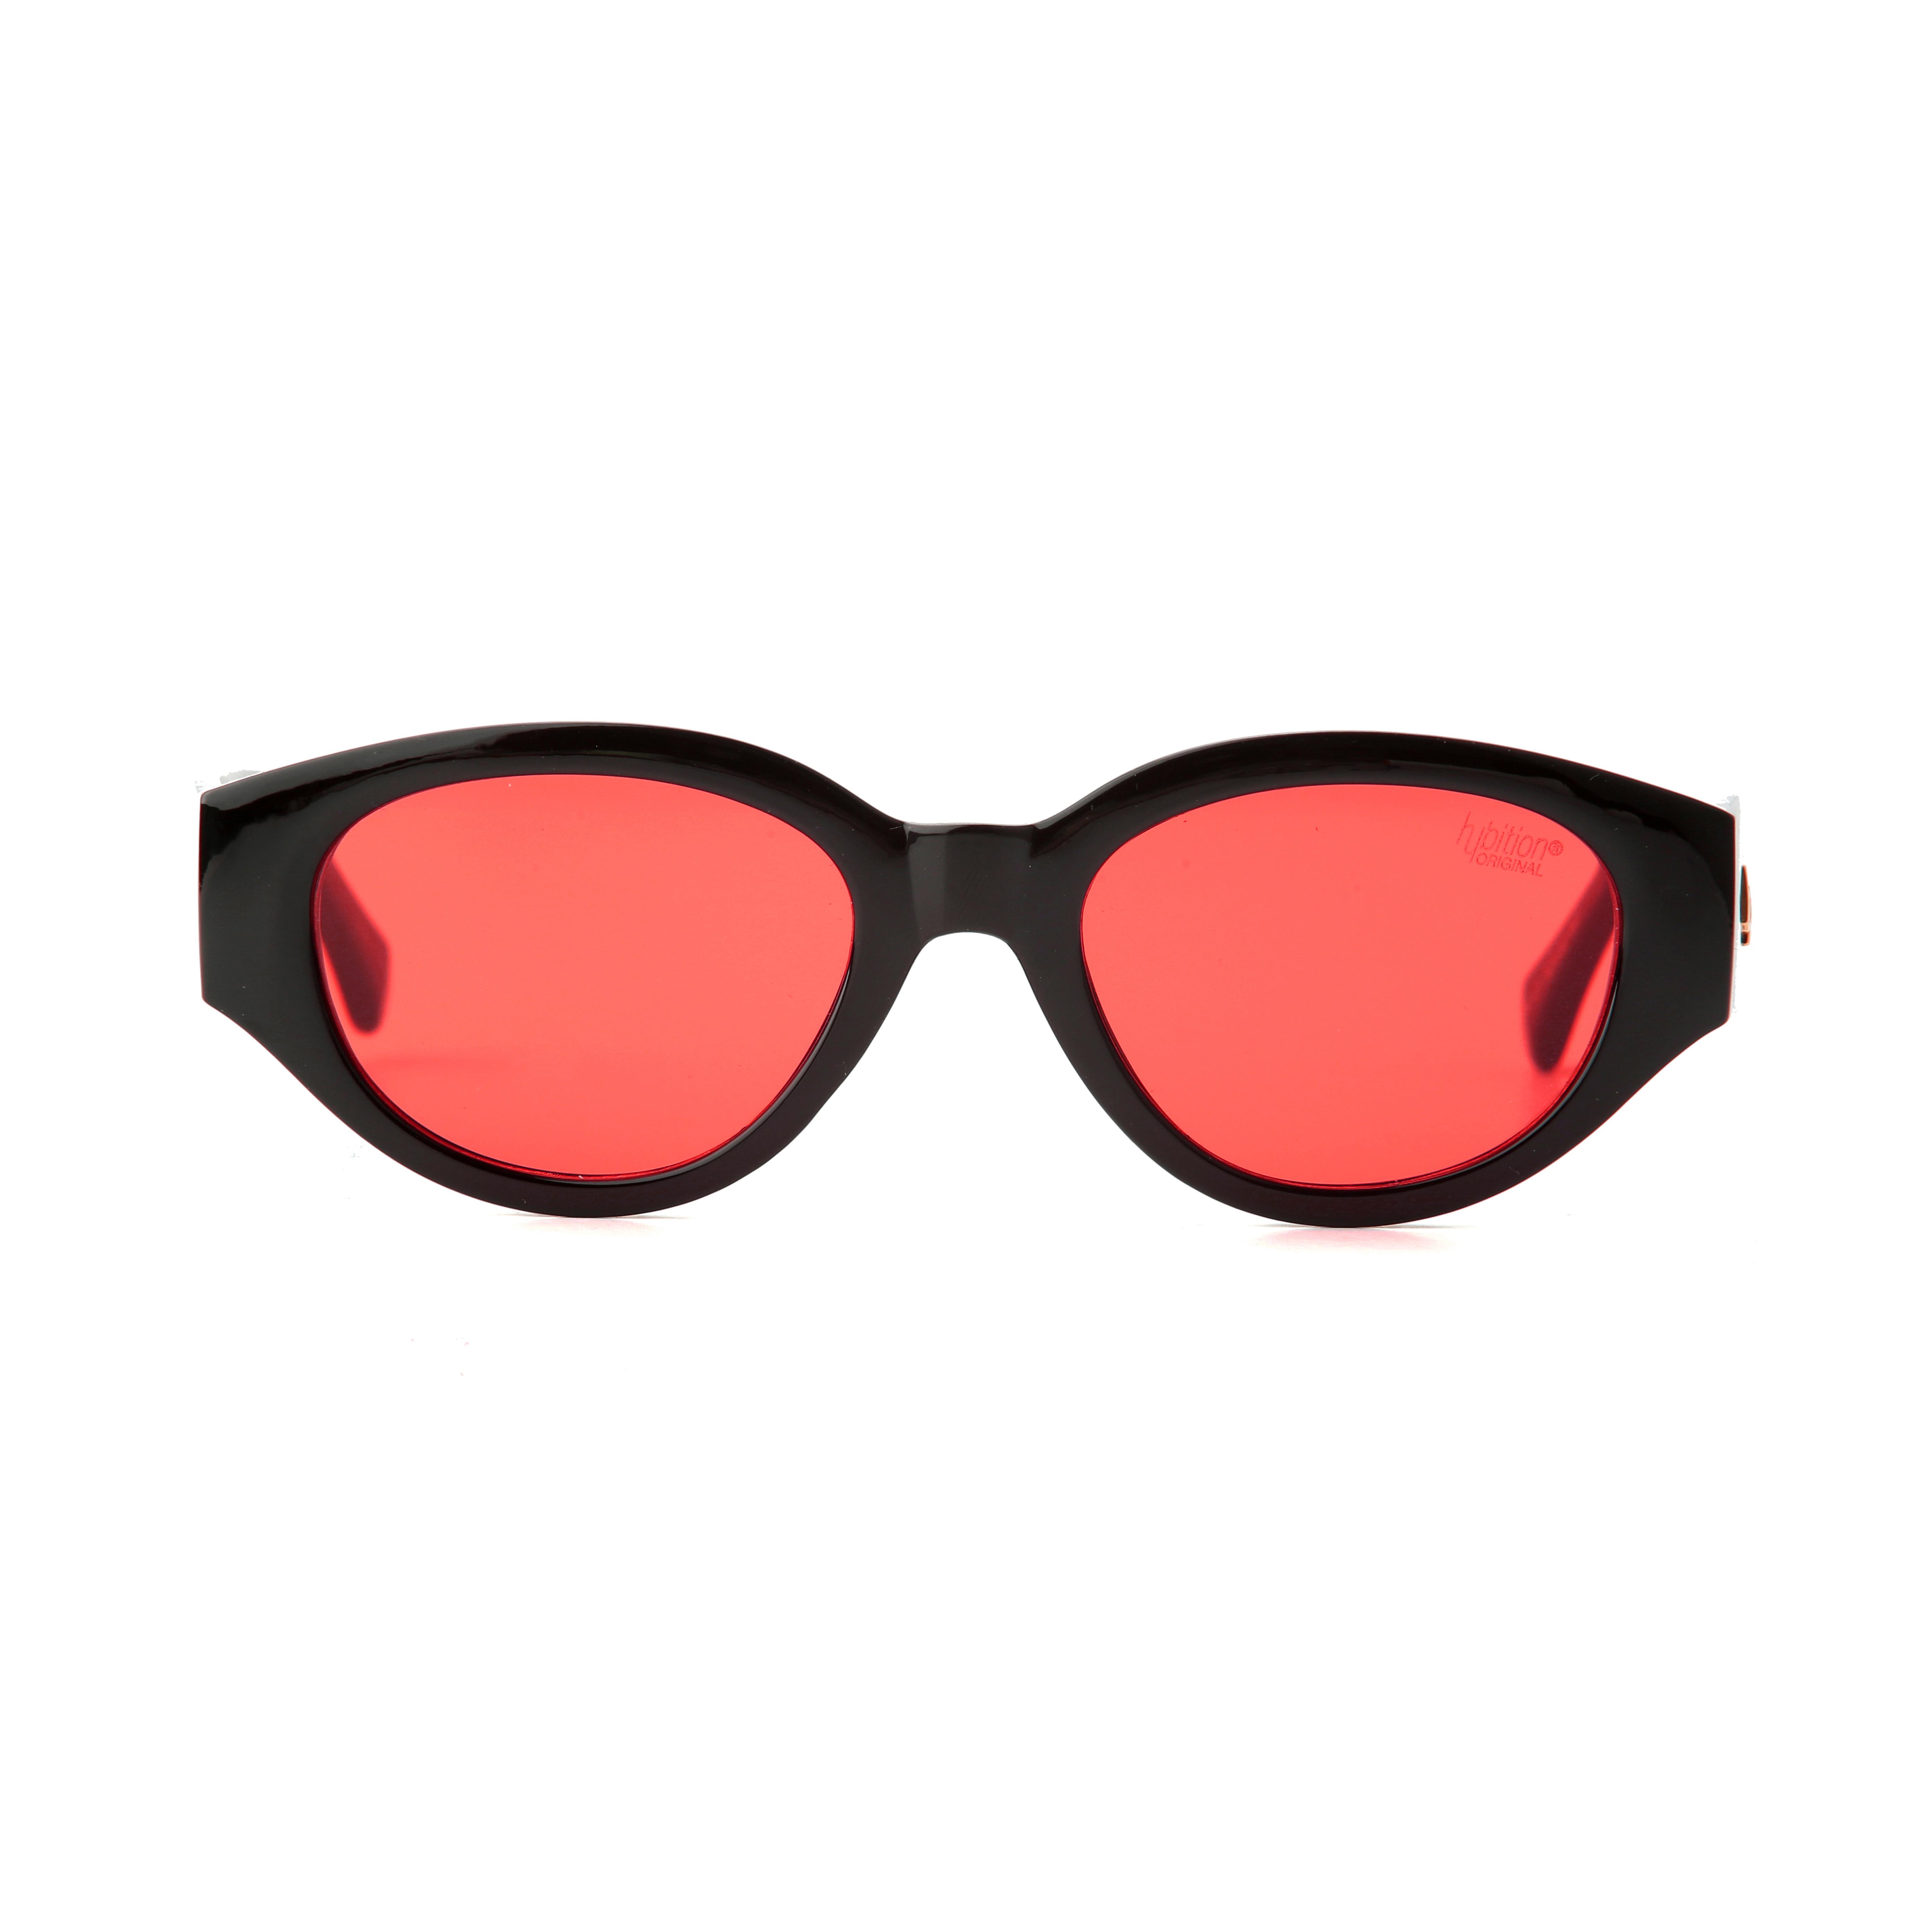 [단독할인]비아이 착용 D.fox Original Glossy Black / Red Tint Lens